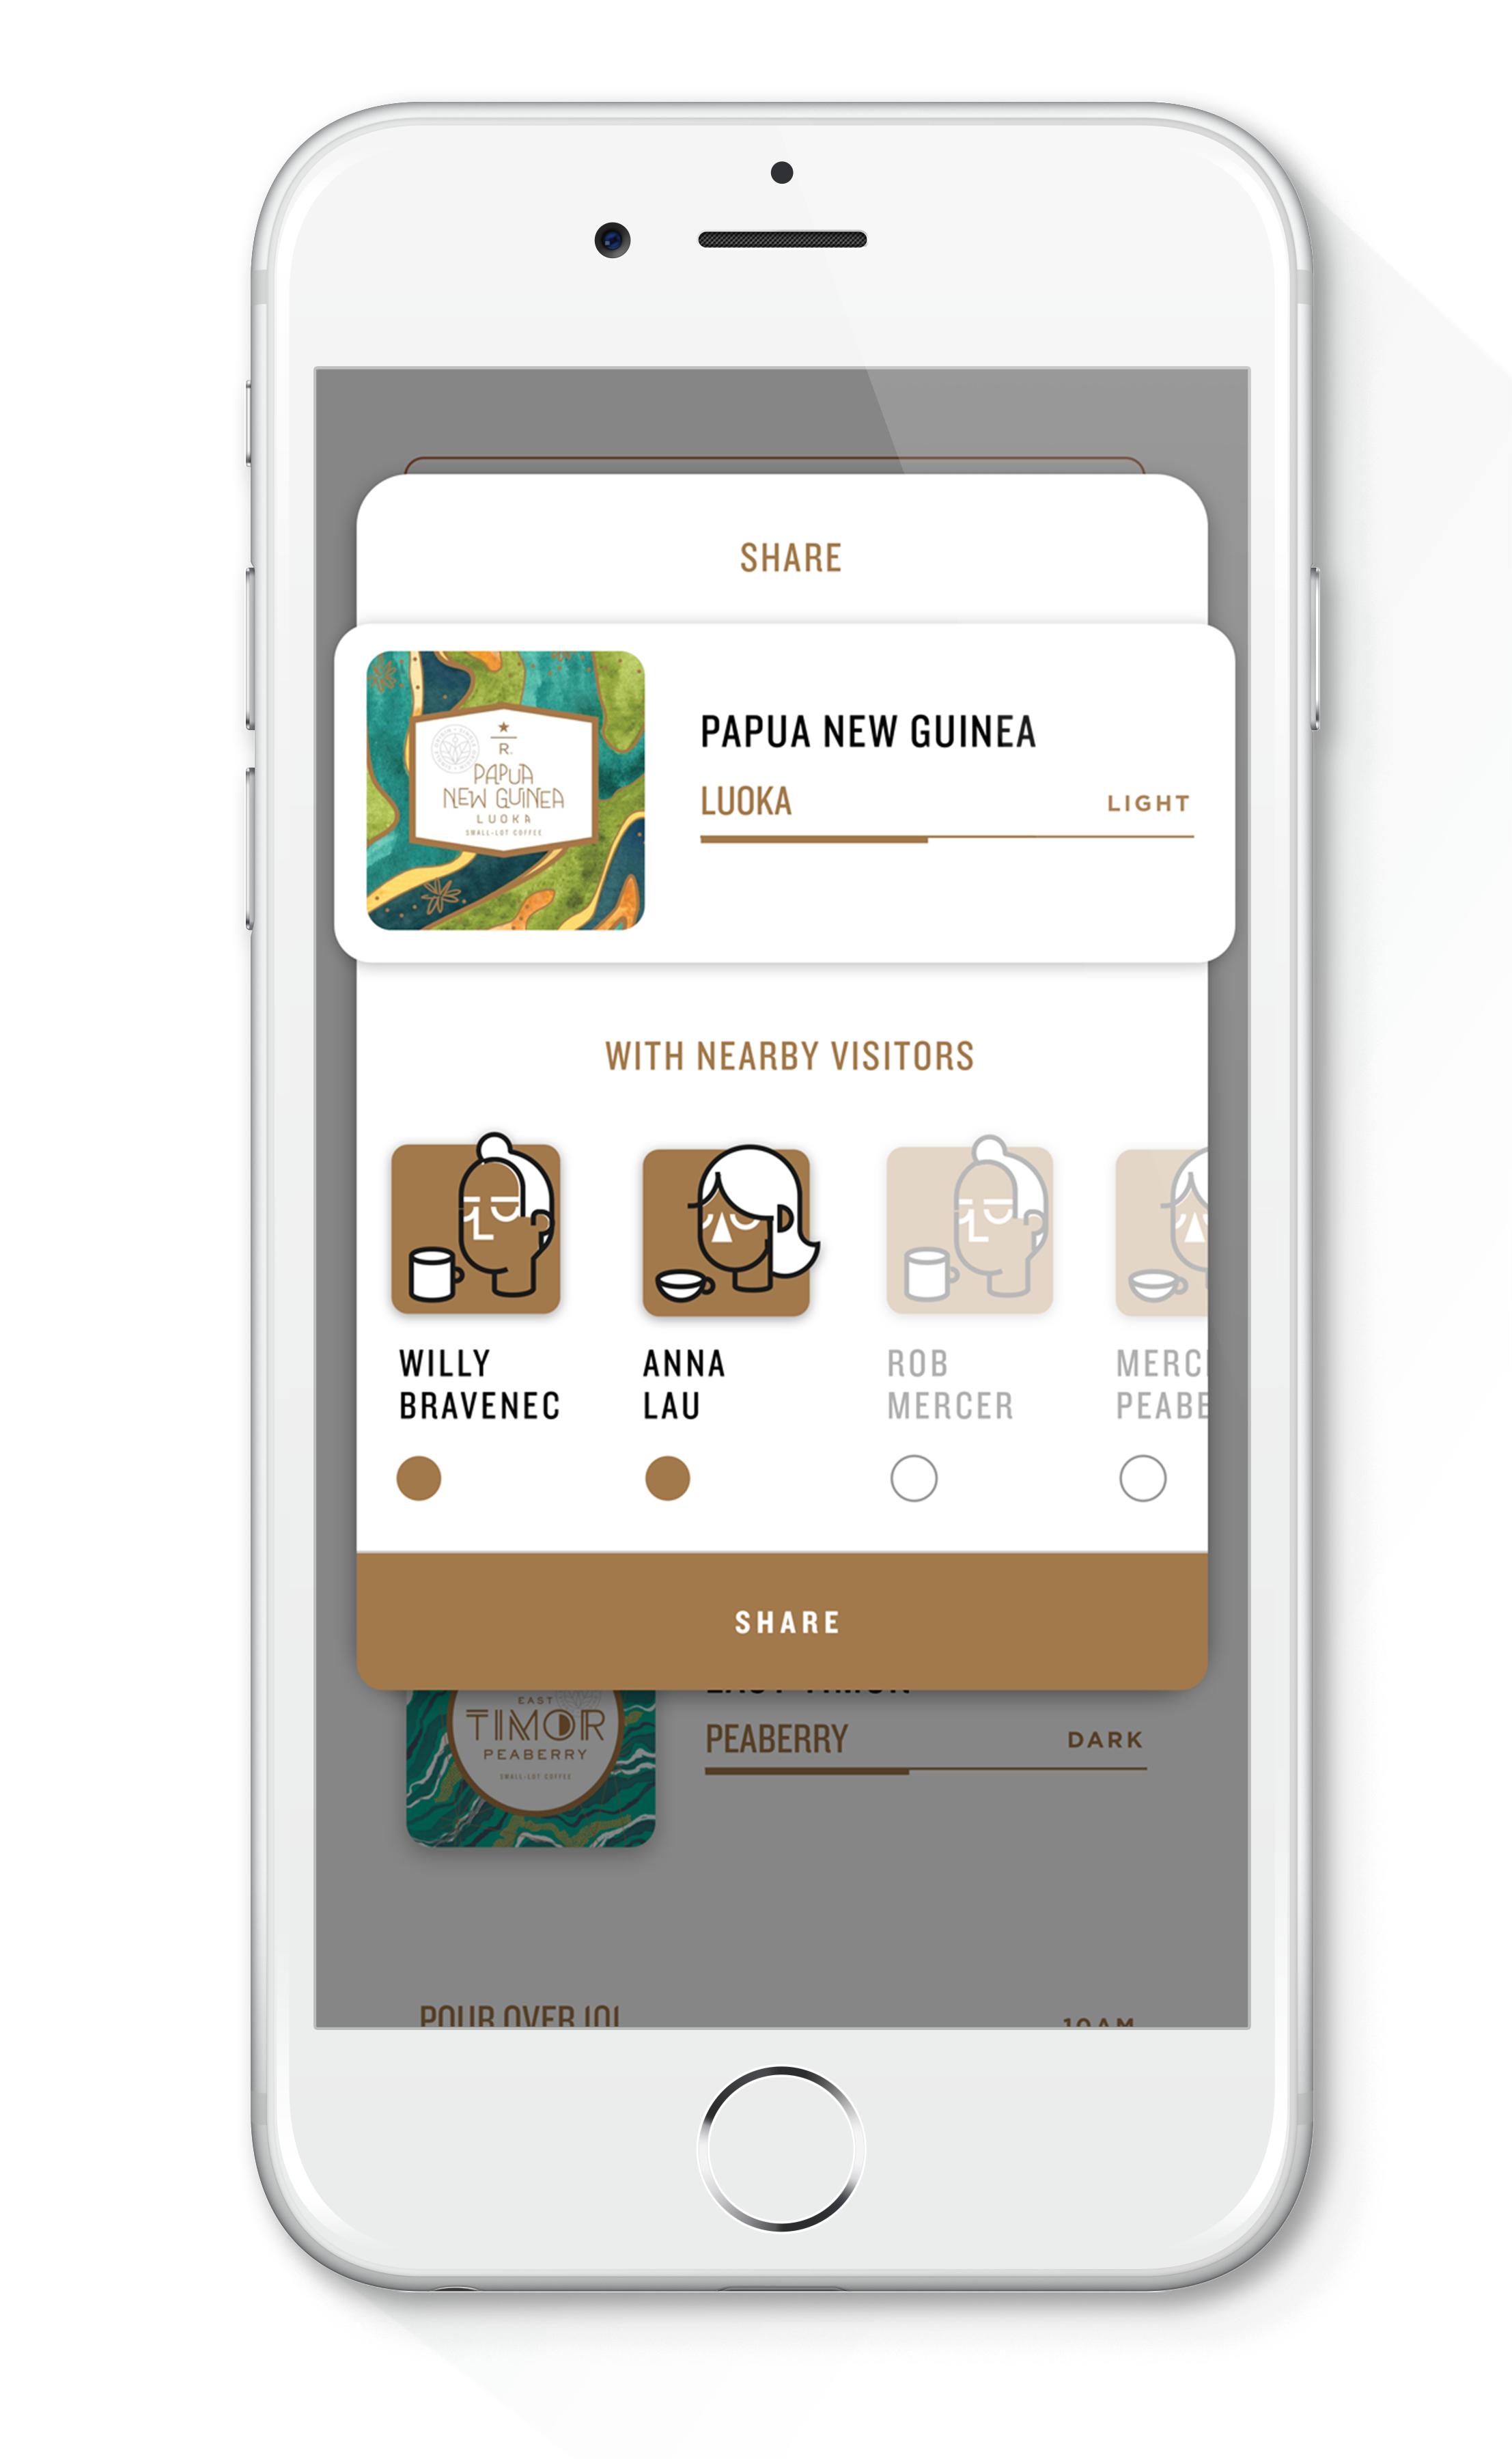 Image of Starbucks Roastery mobile app screen.